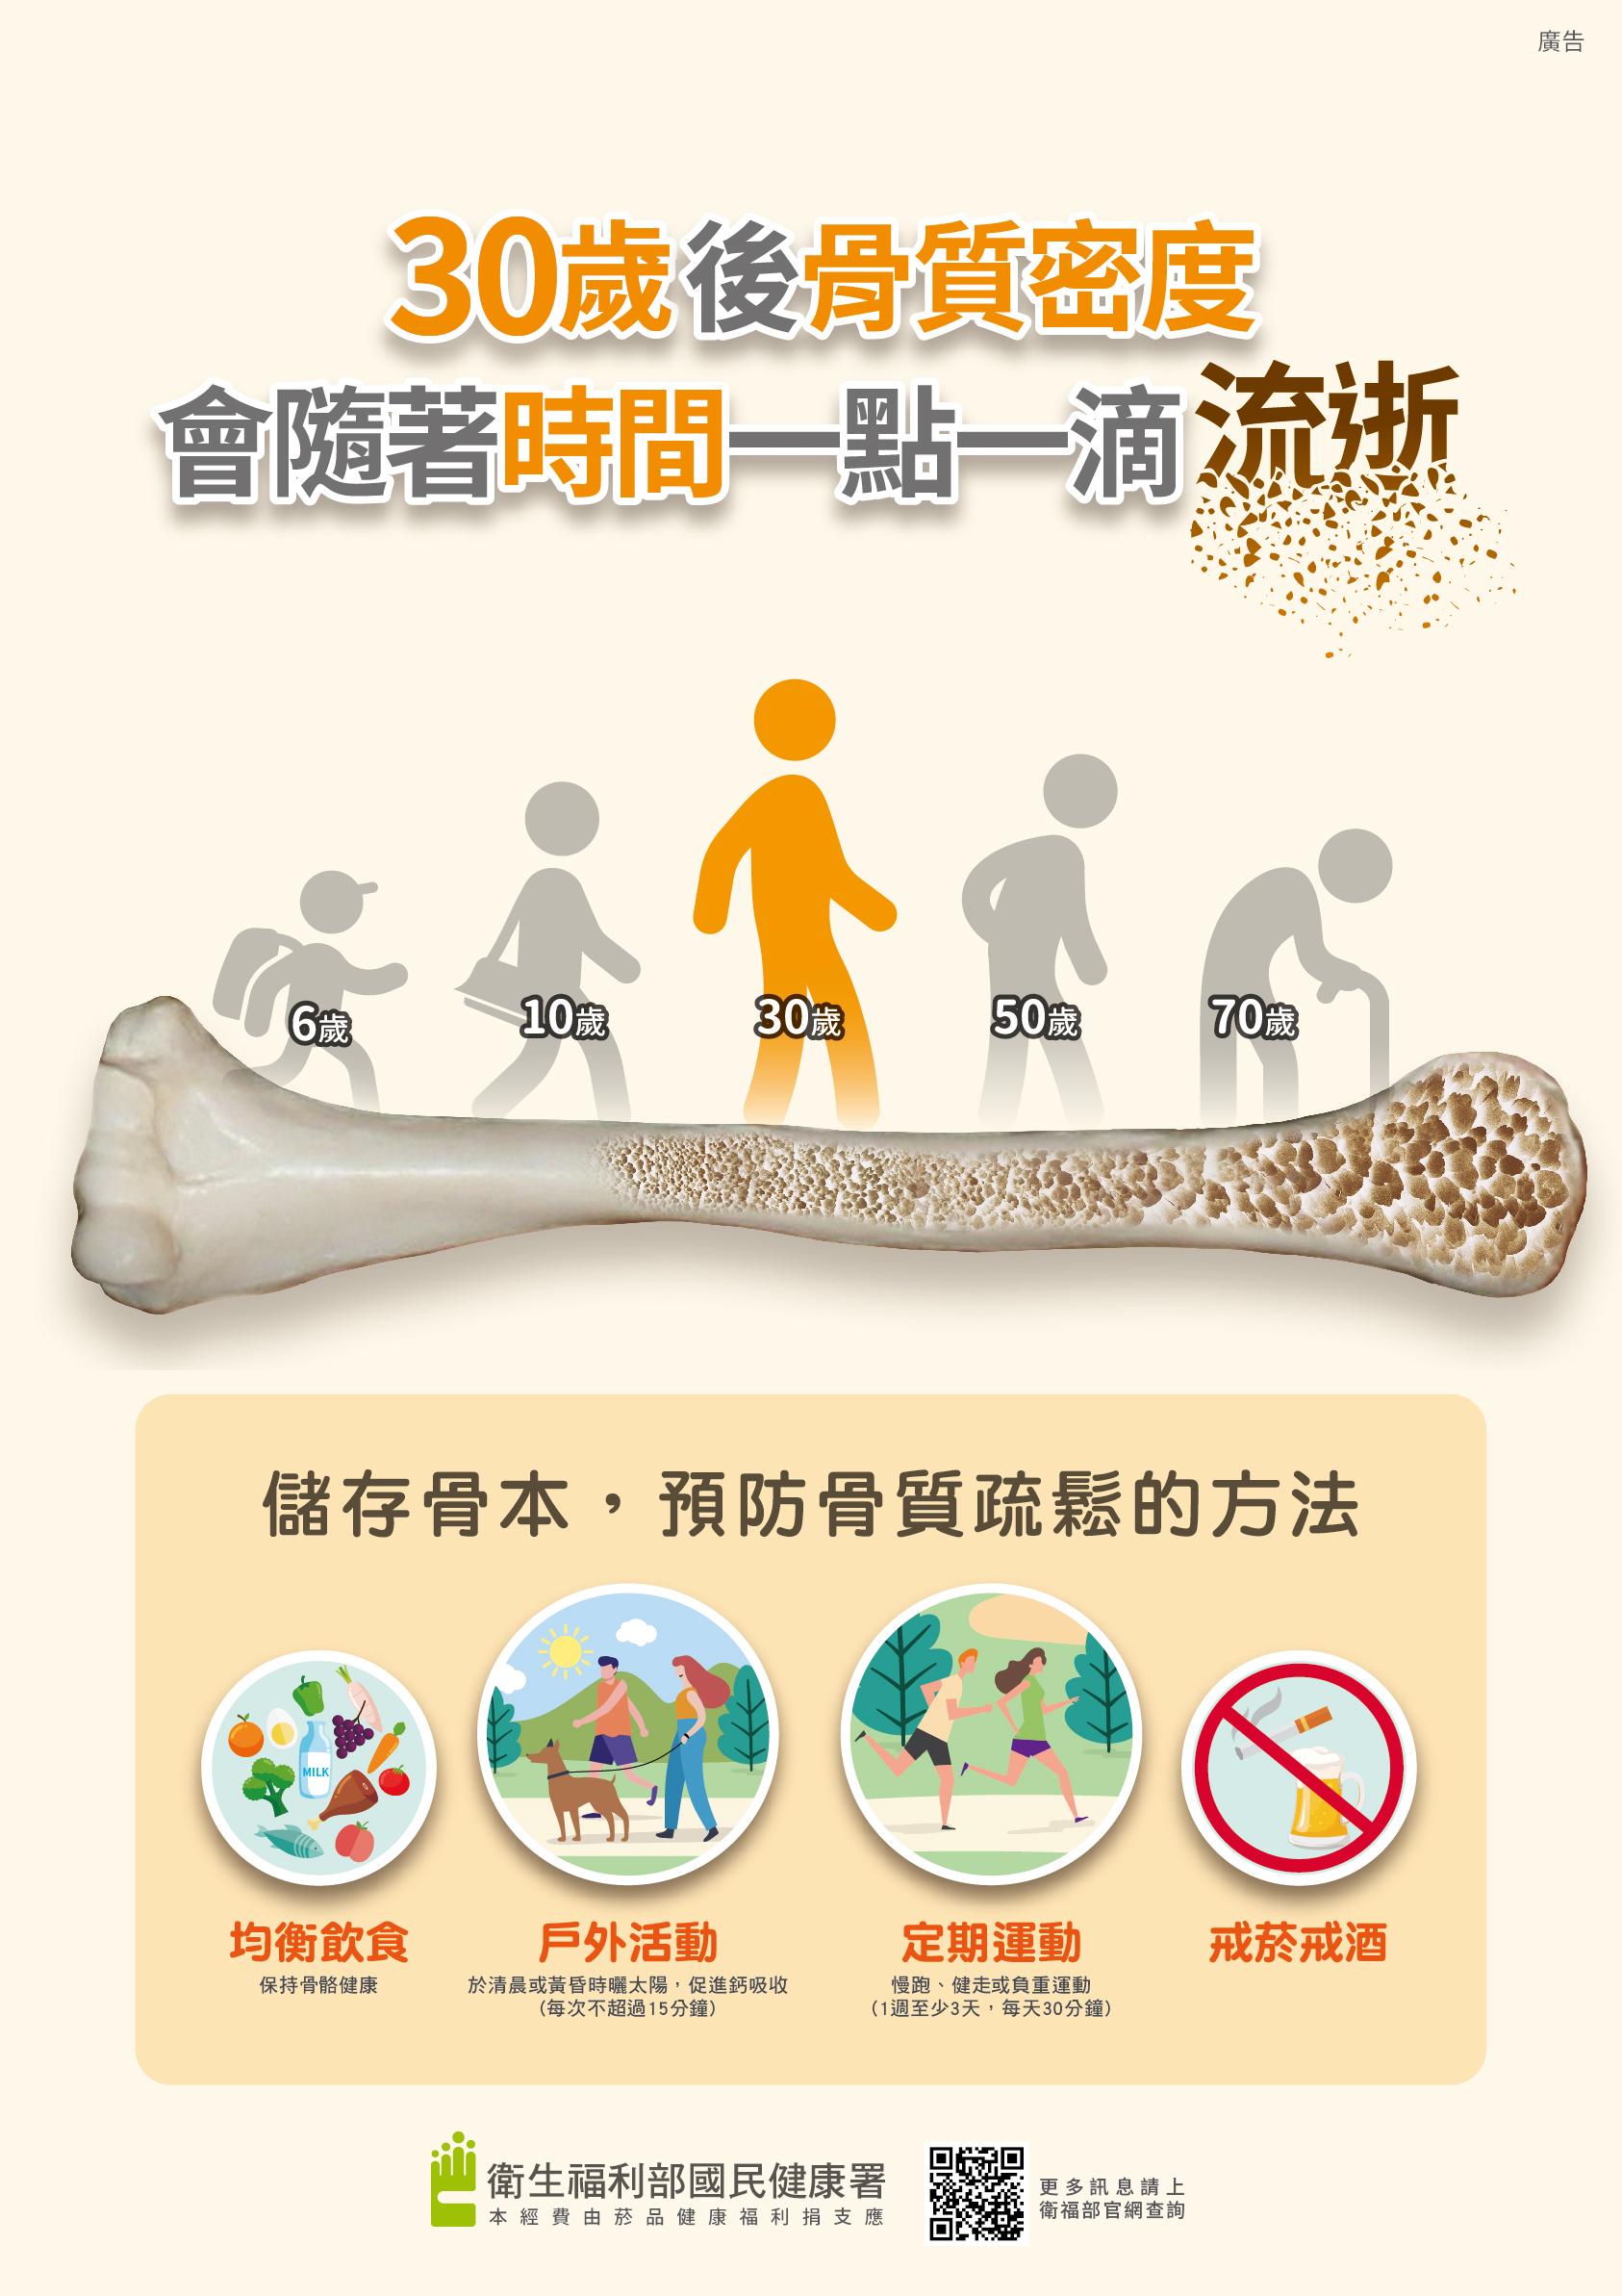 預防骨質疏鬆海報